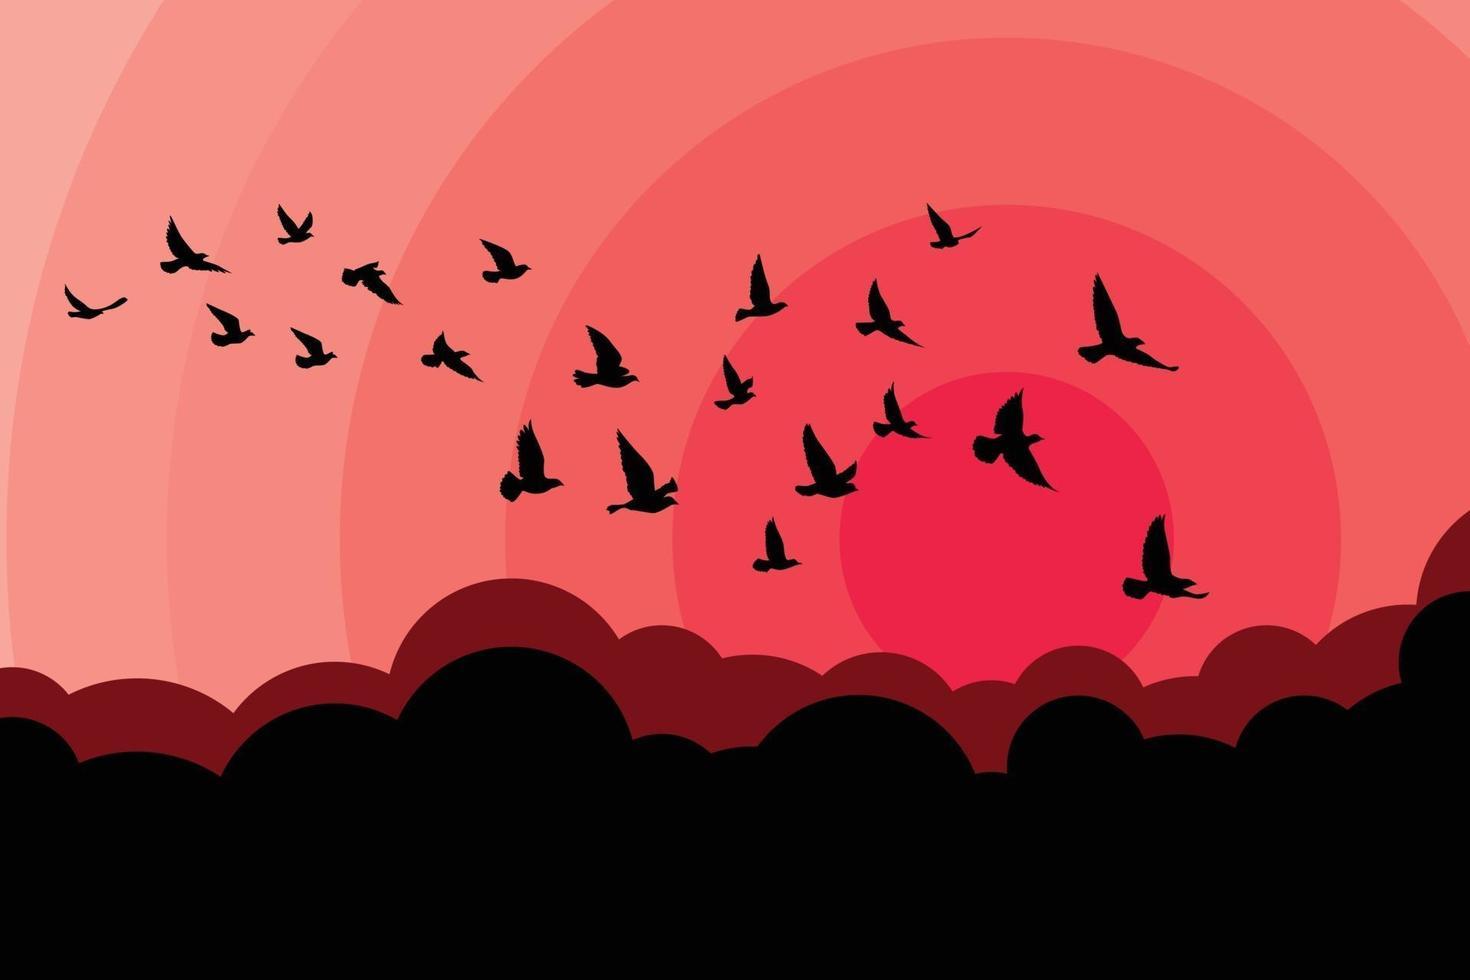 flygande fåglar silhuetter på vit bakgrund. vektor illustration. isolerad fågel som flyger. tatuering och tapet bakgrundsdesign. himmel och moln med flugfågel.